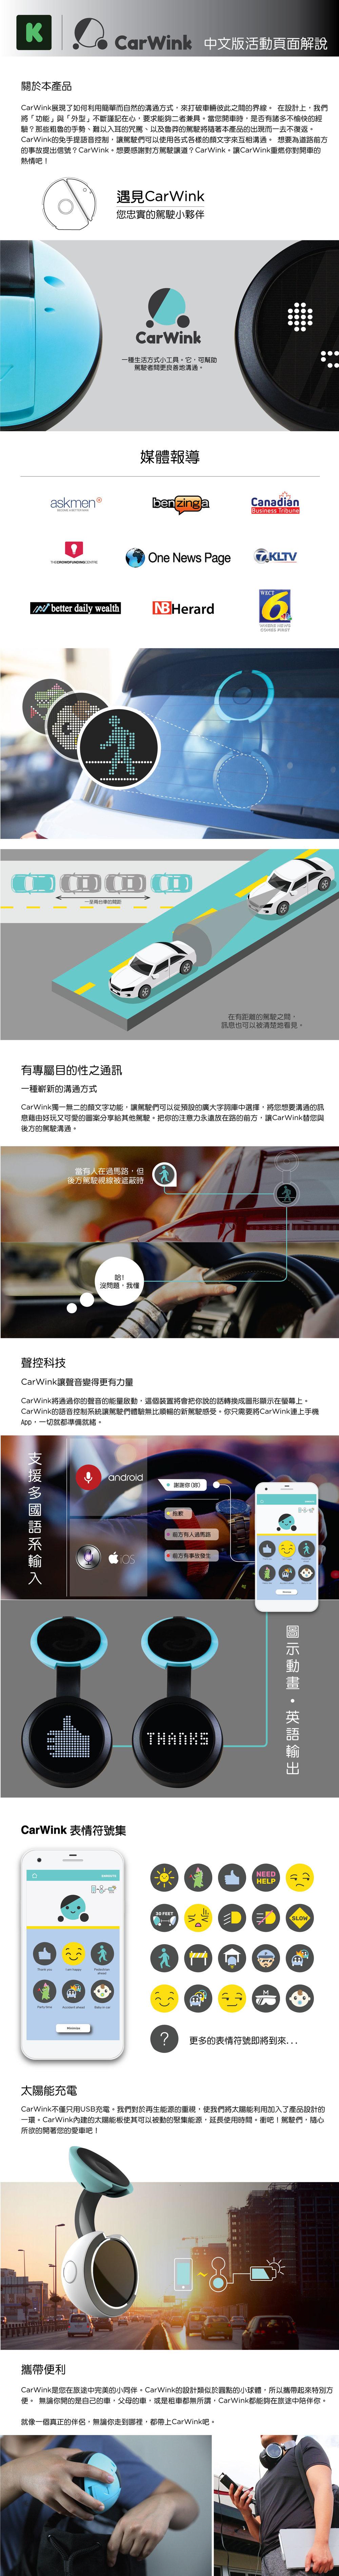 kickstarter中文版cs6-01.jpg